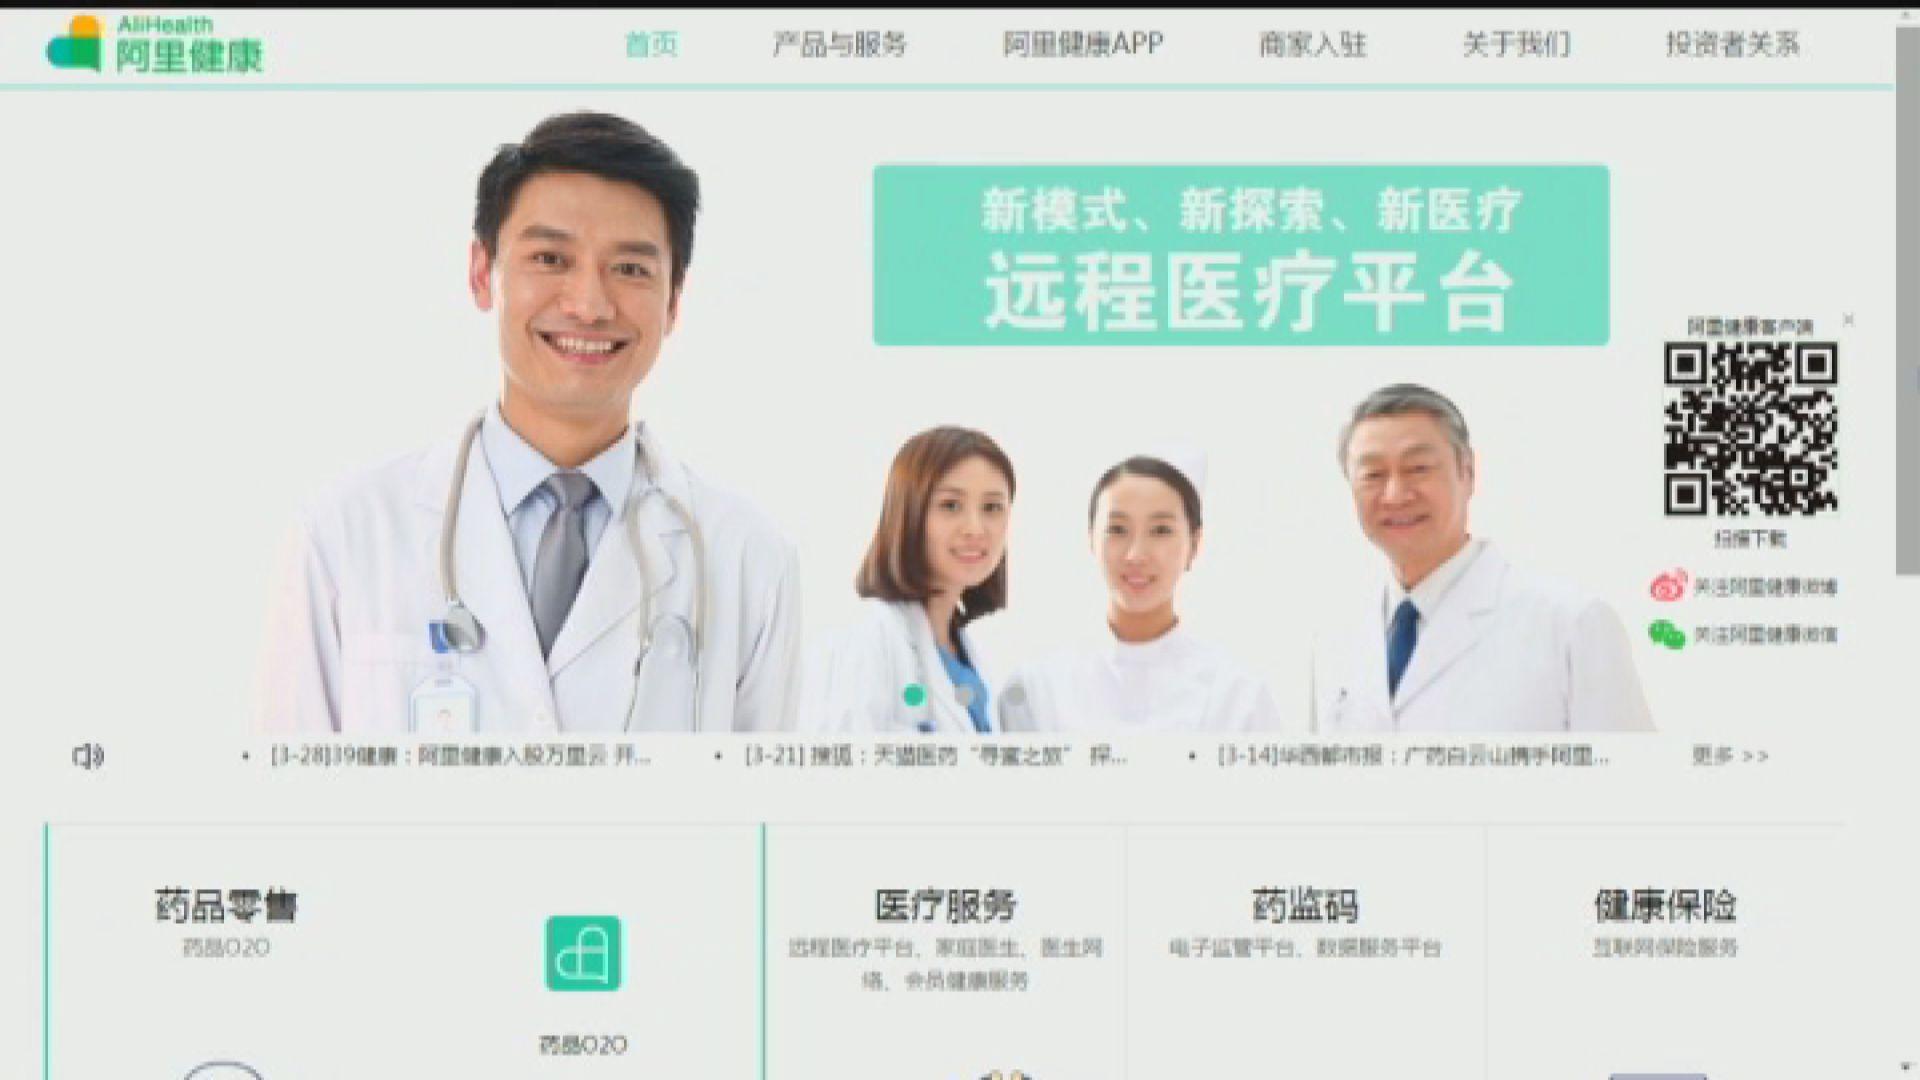 阿里健康:將手機App醫鹿打造成網上醫院